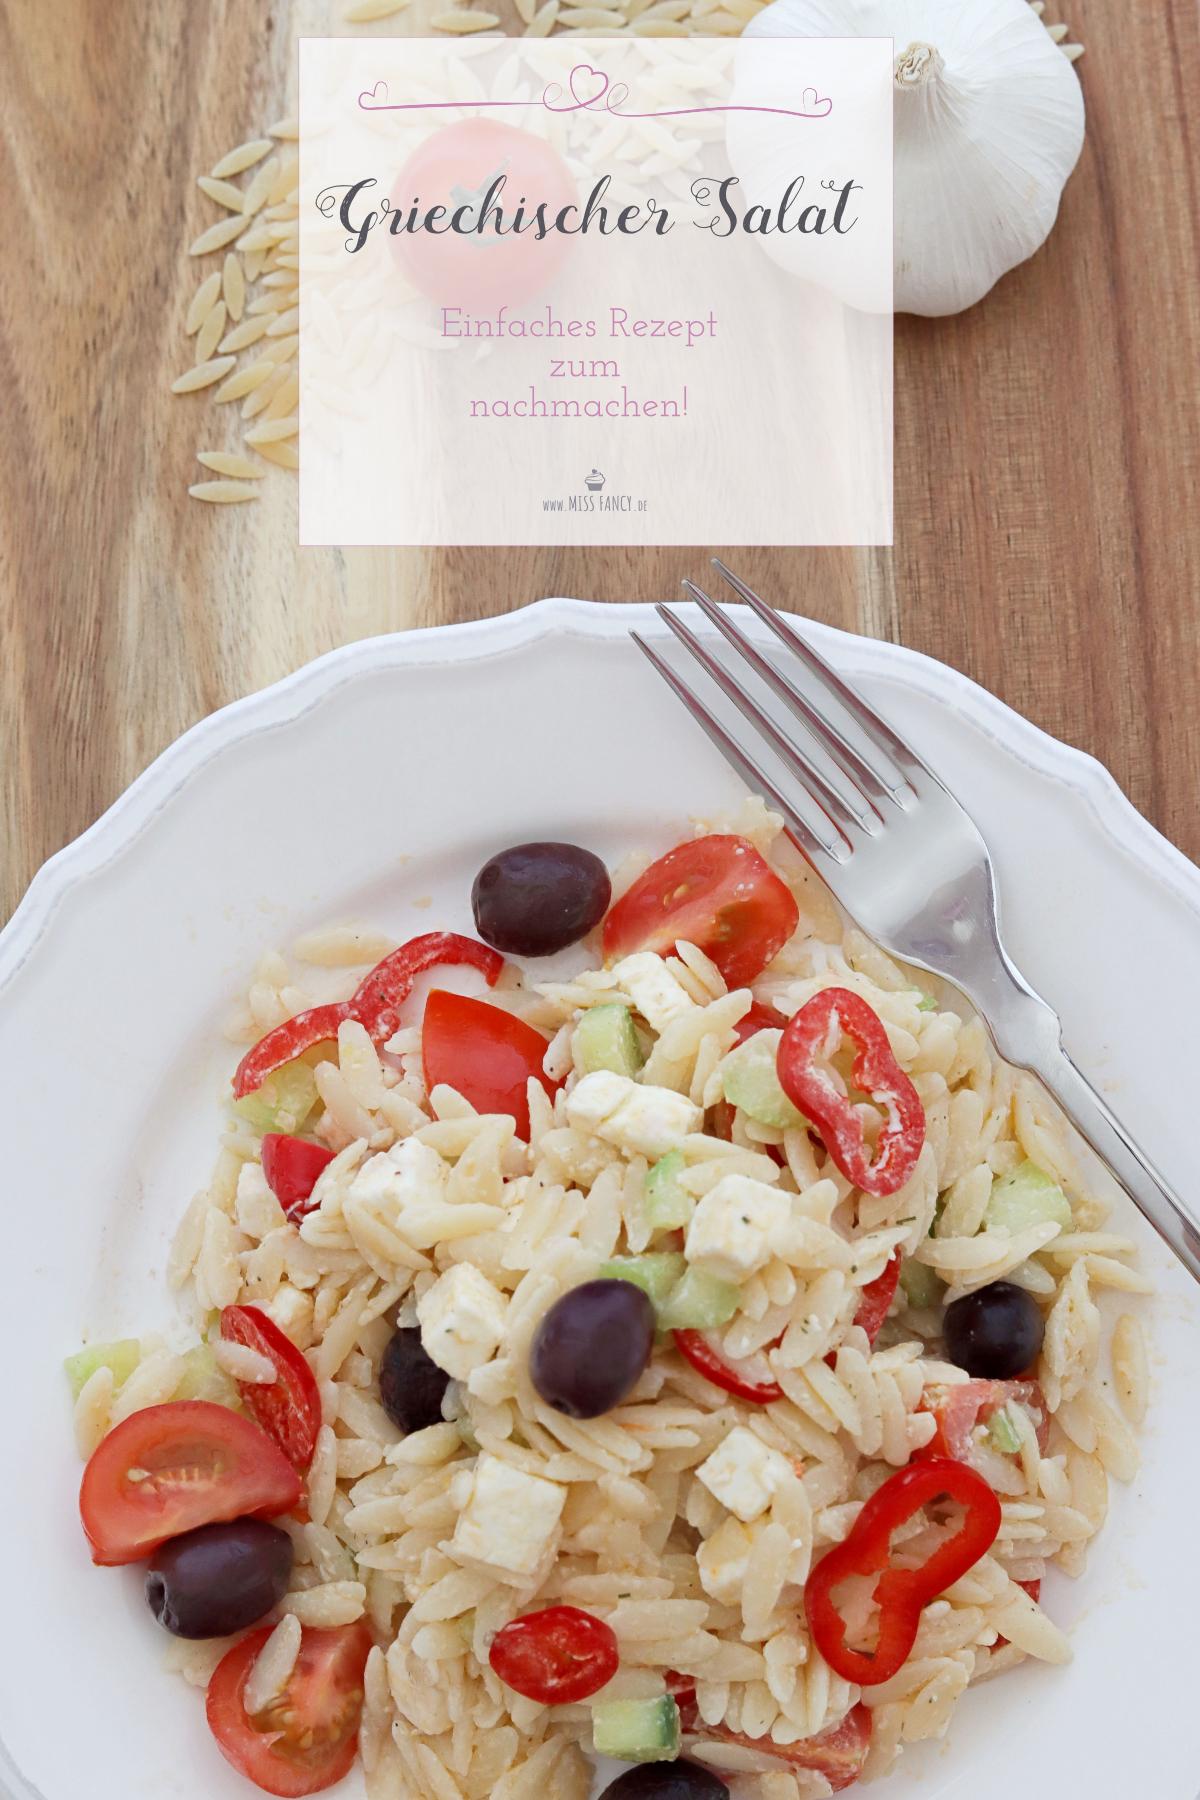 Sommersalat-griechischer-Salat-Food-Blog